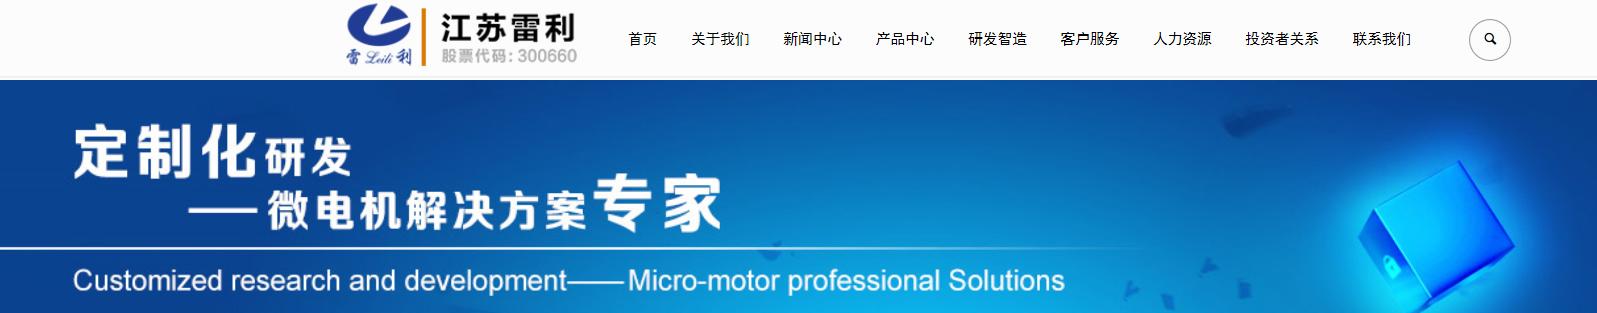 江苏雷利安徽公司谎称取得专利被监管部门查处